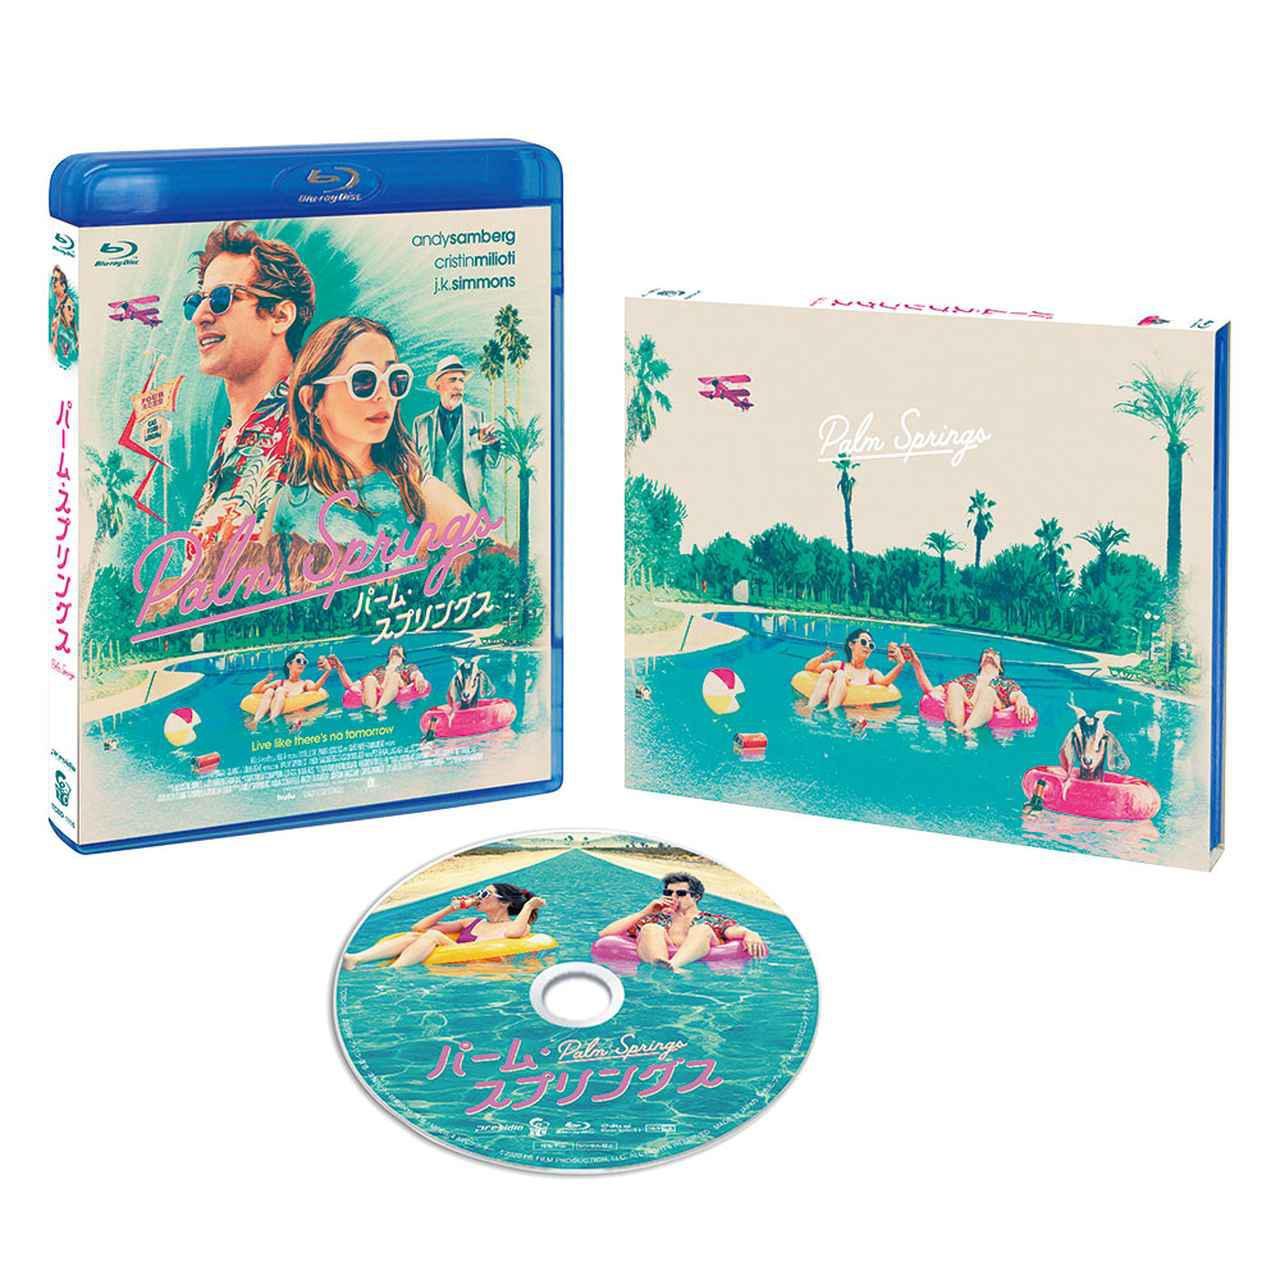 画像: 『パーム・スプリングス』 Blu-ray 2021年10月6日発売  価格:5,280円(税込) 販売元:TCエンタテインメント 発売元:プレシディオ ©2020 PS FILM PRODUCTION, LLC. ALL RIGHTS RESERVED.